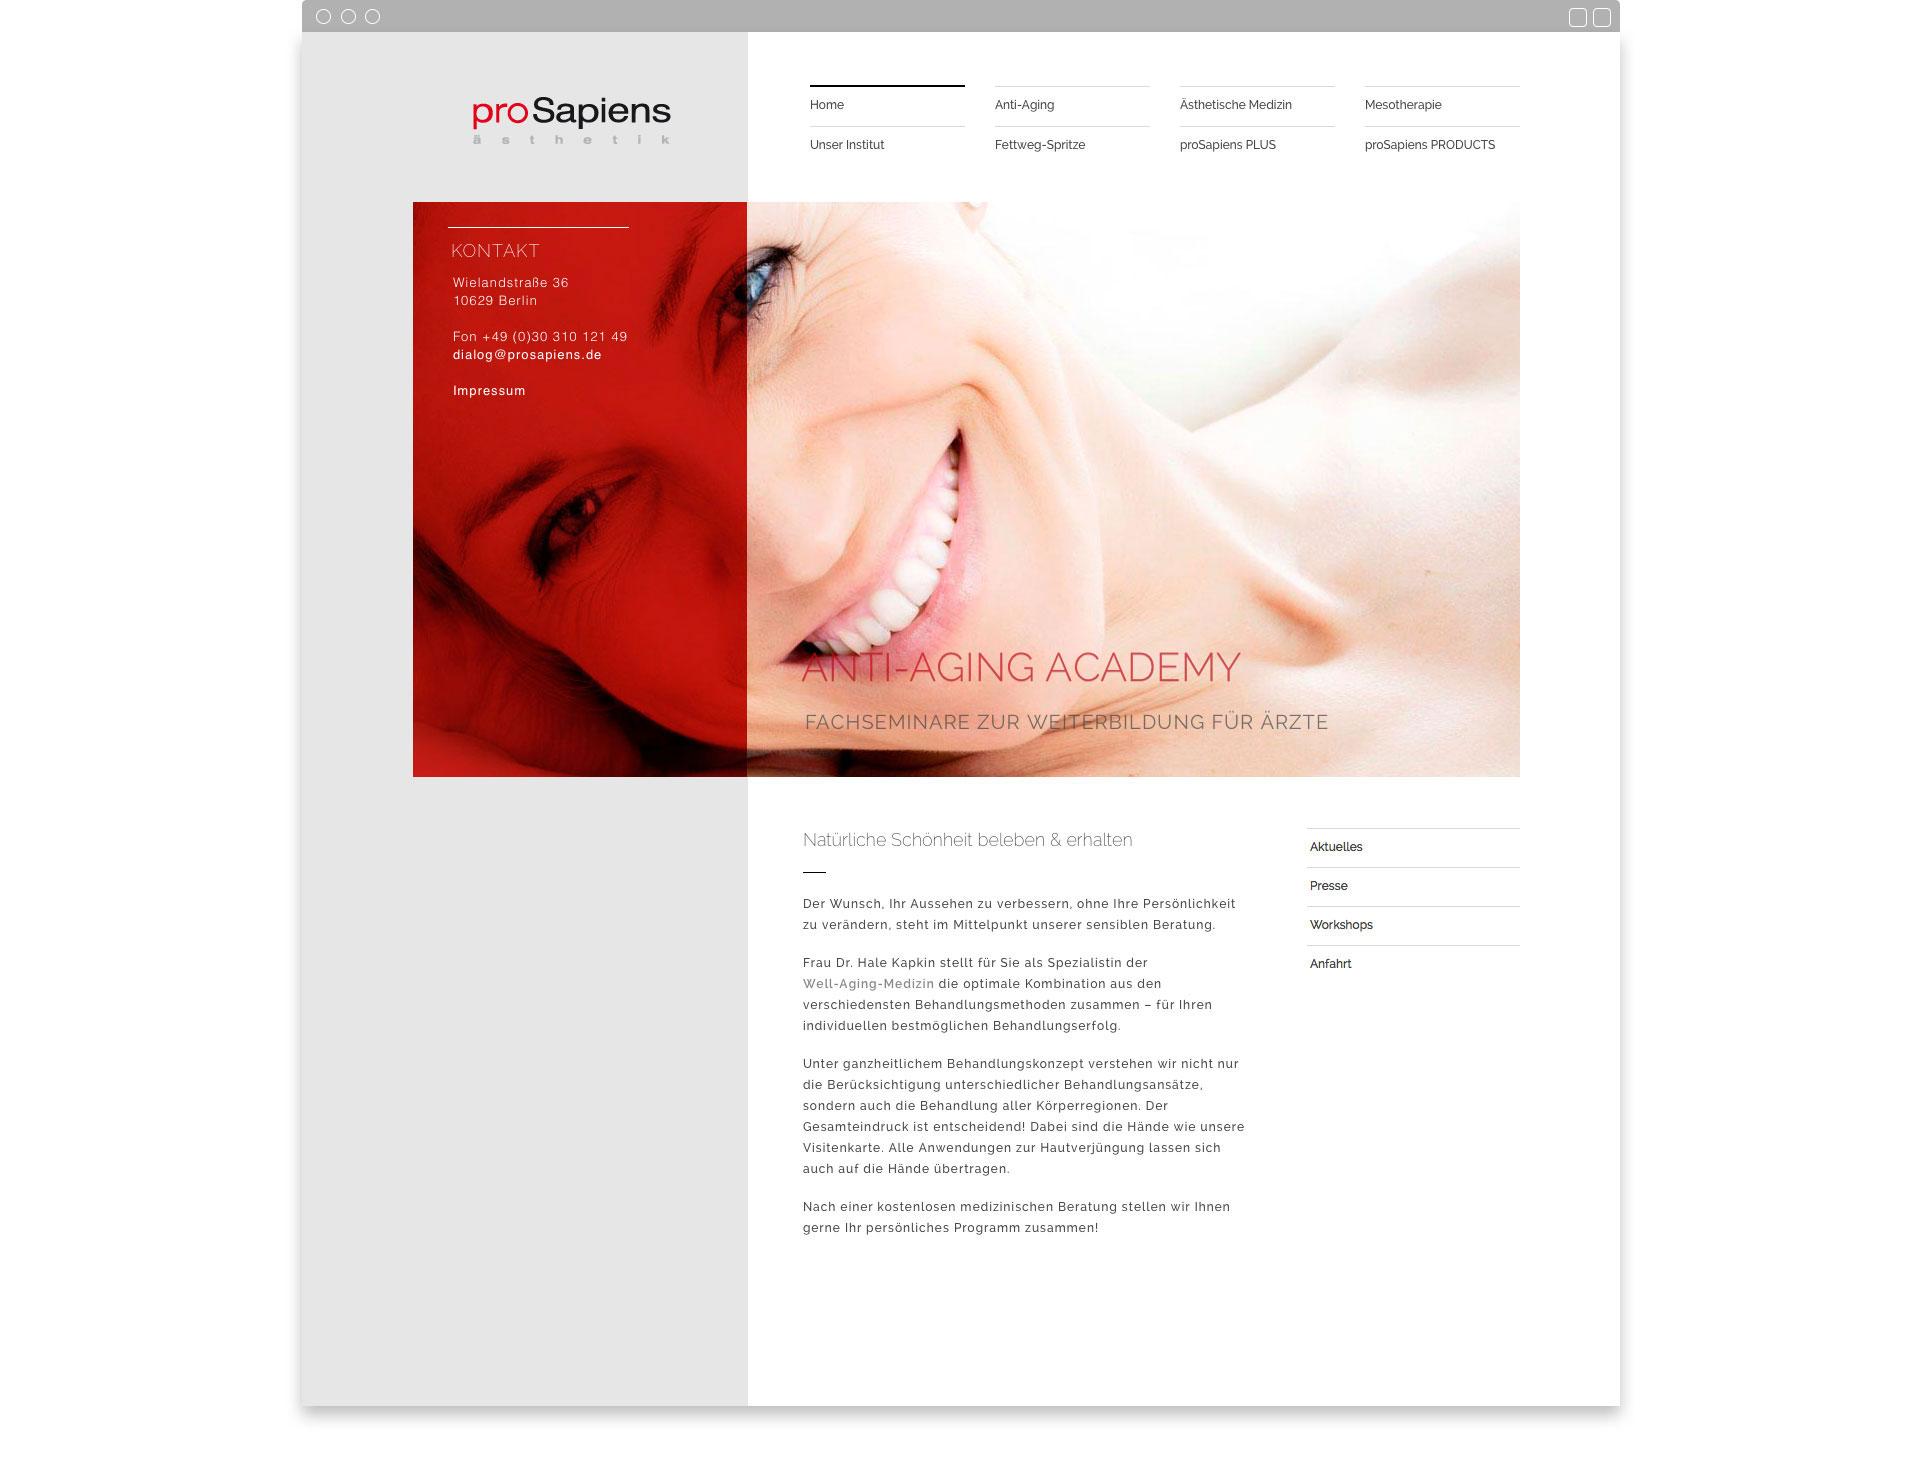 prosapiens-website-home